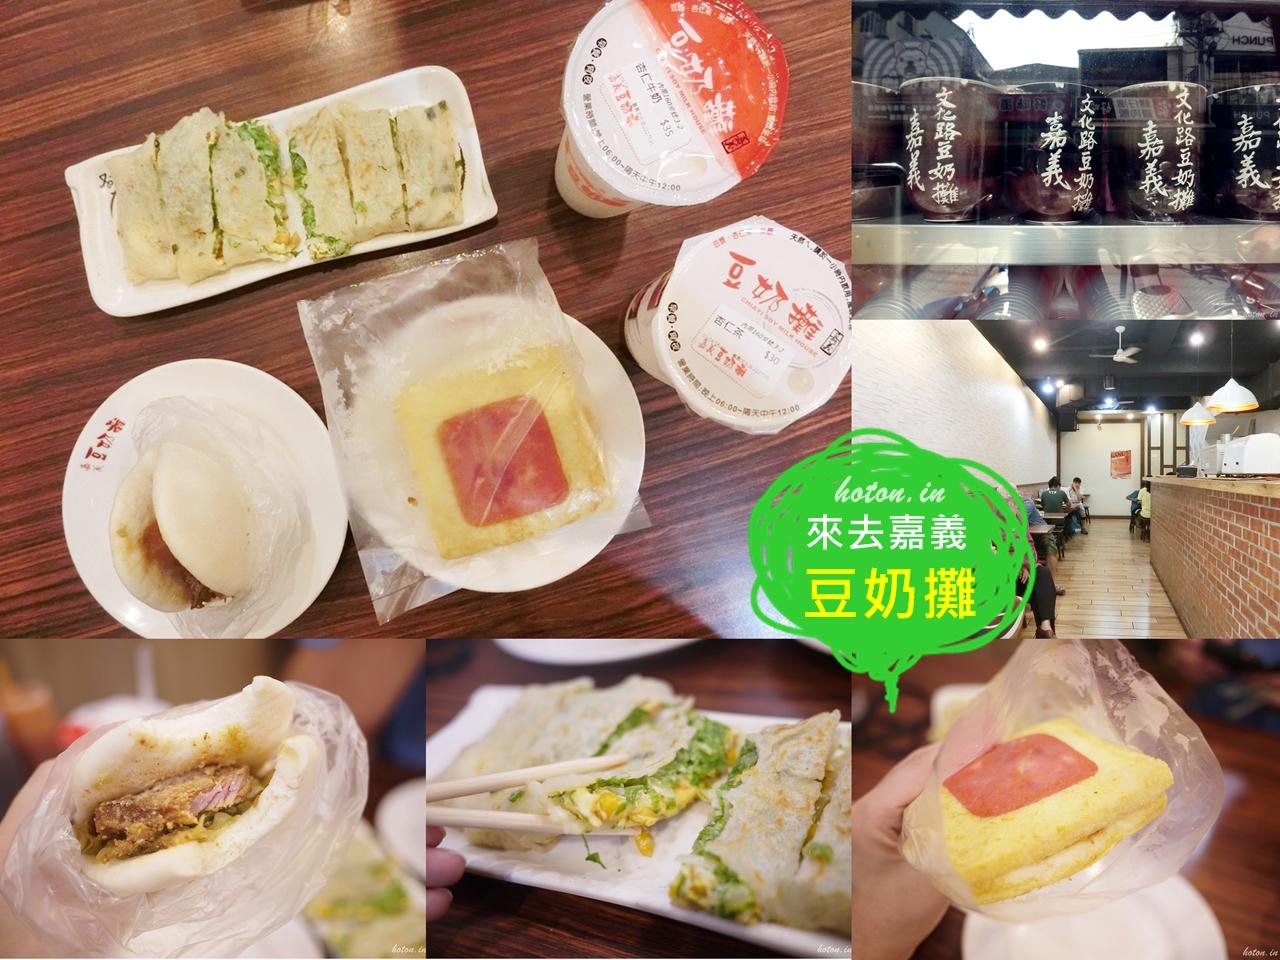 【嘉義食記】嘉義豆奶攤(文化總店)~橫跨早餐.晚餐宵夜的早餐店!